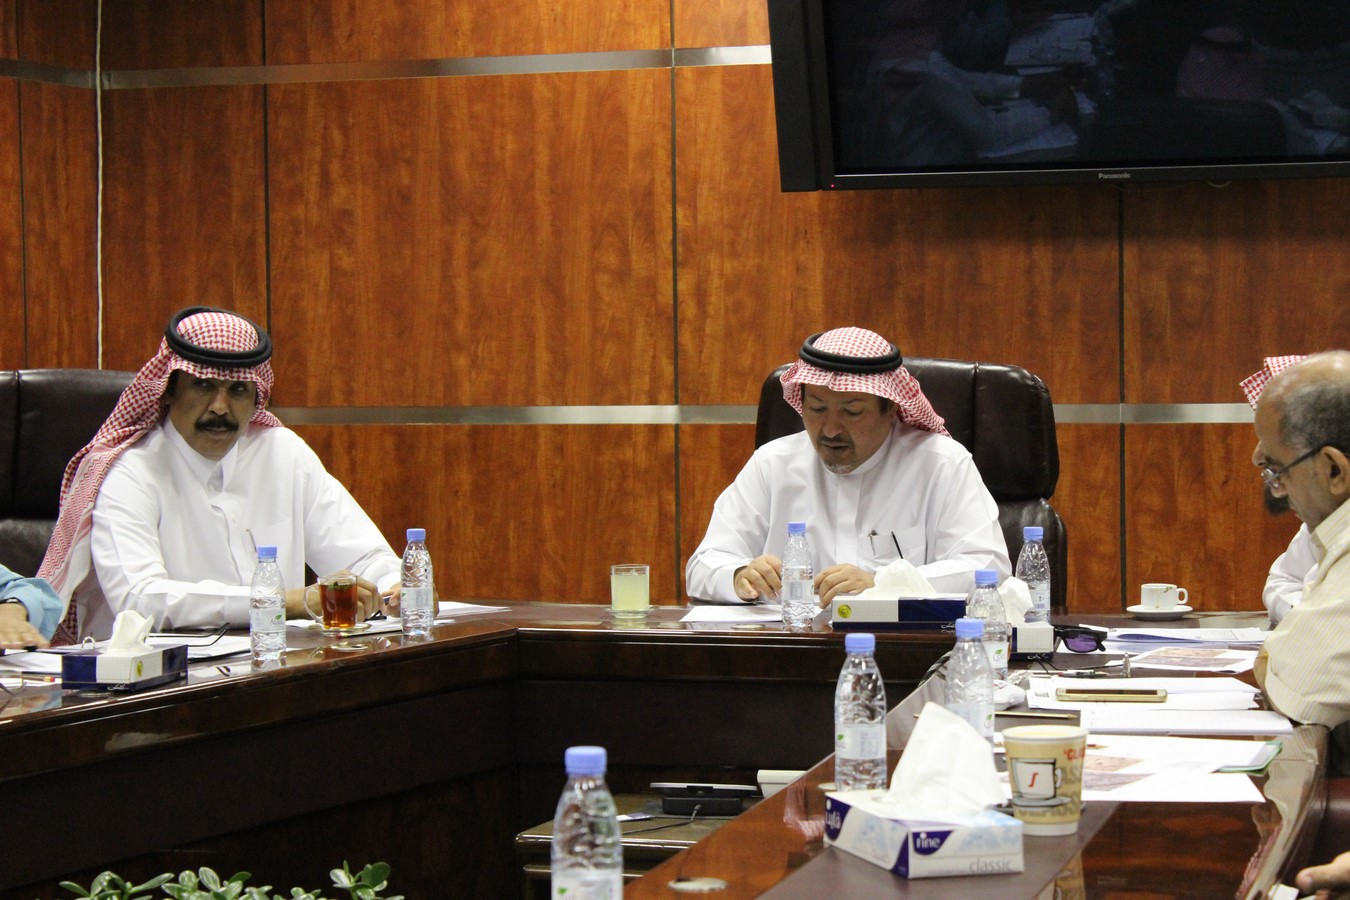 اللجنة الاستشارية للطاقة الكهربائية بالجامعة تعقد اجتماعها